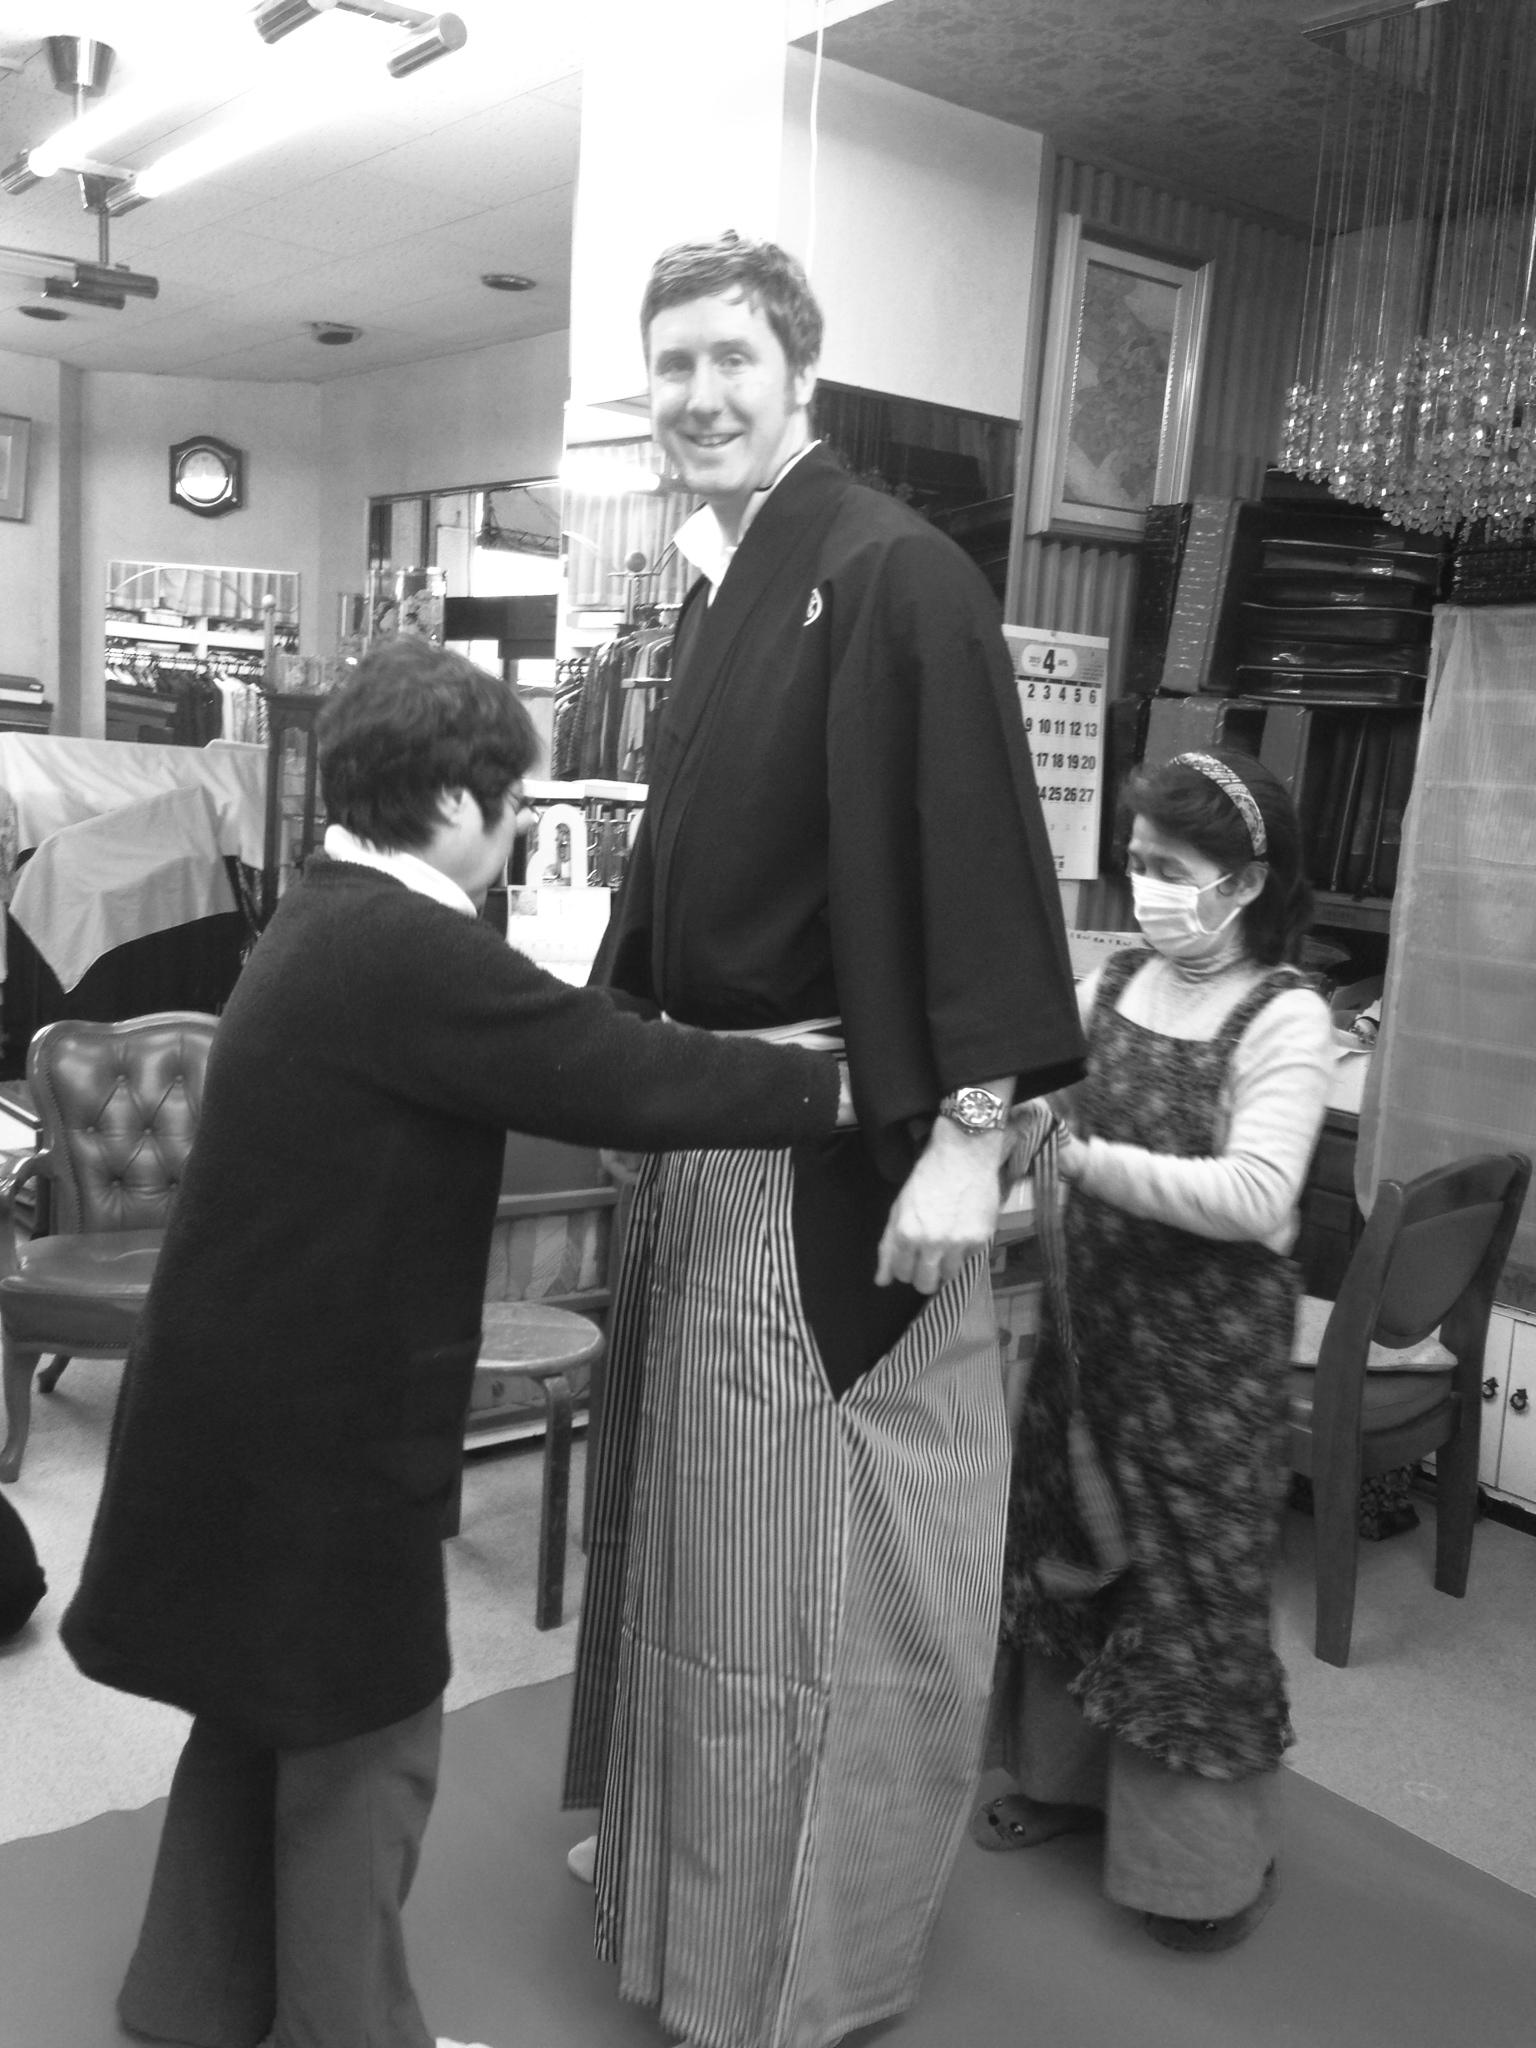 お相撲さんサイズな袴